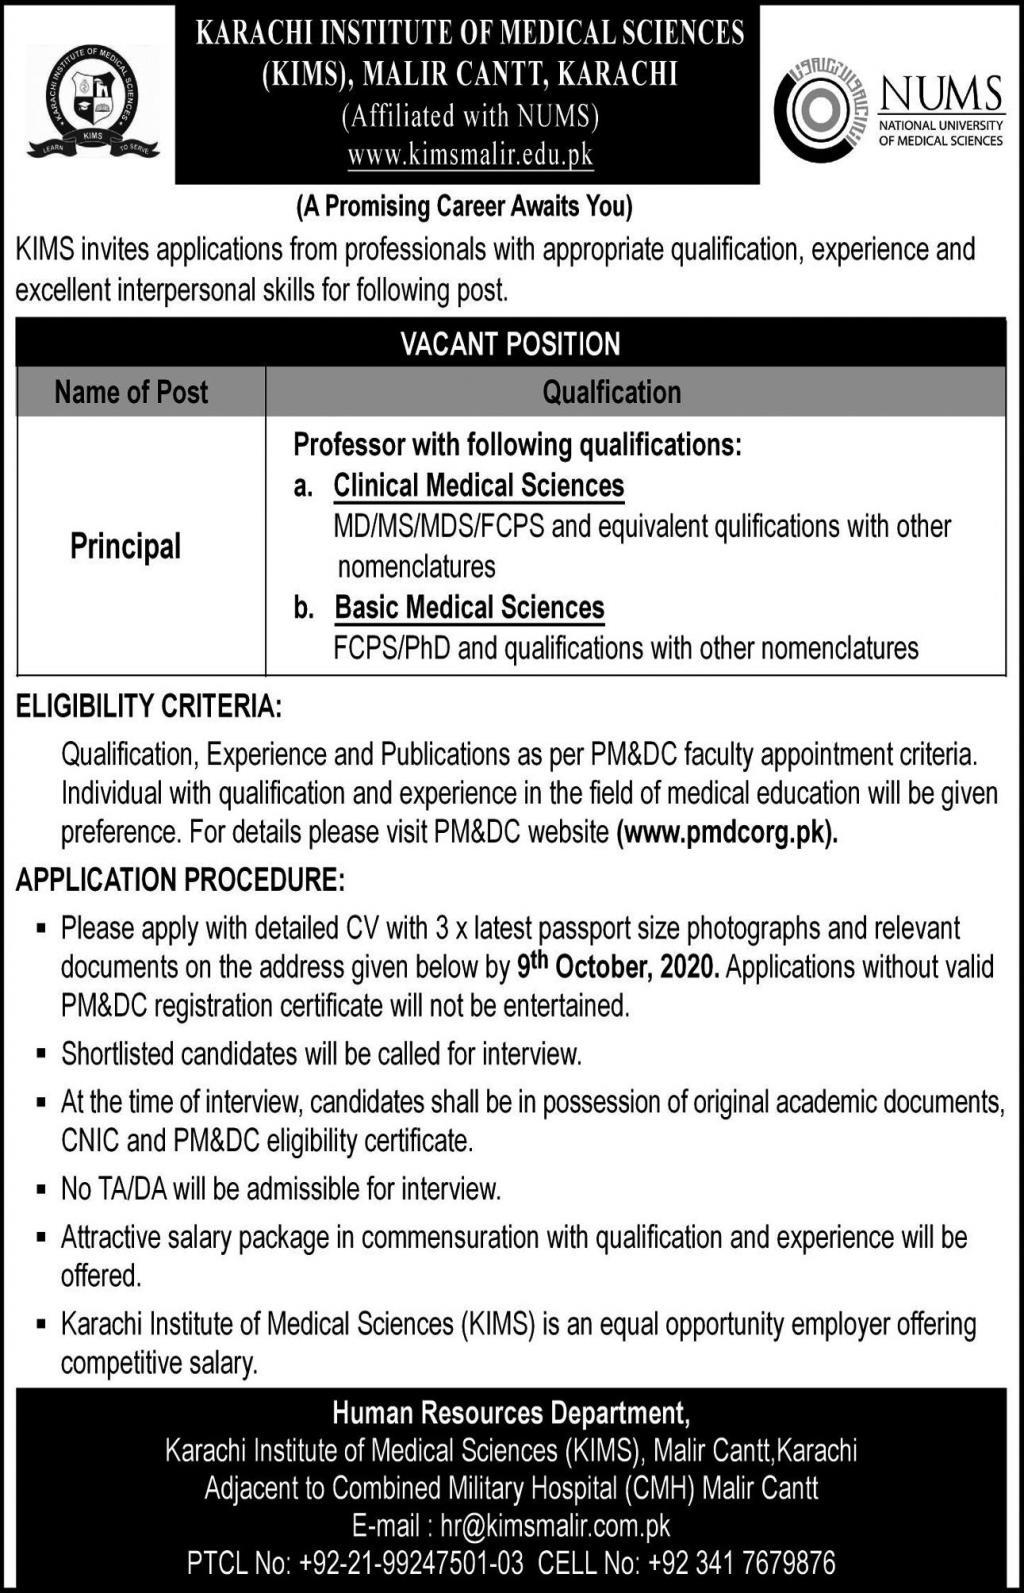 Karachi Institute Of Medical Sciences KIMS Jobs 2020